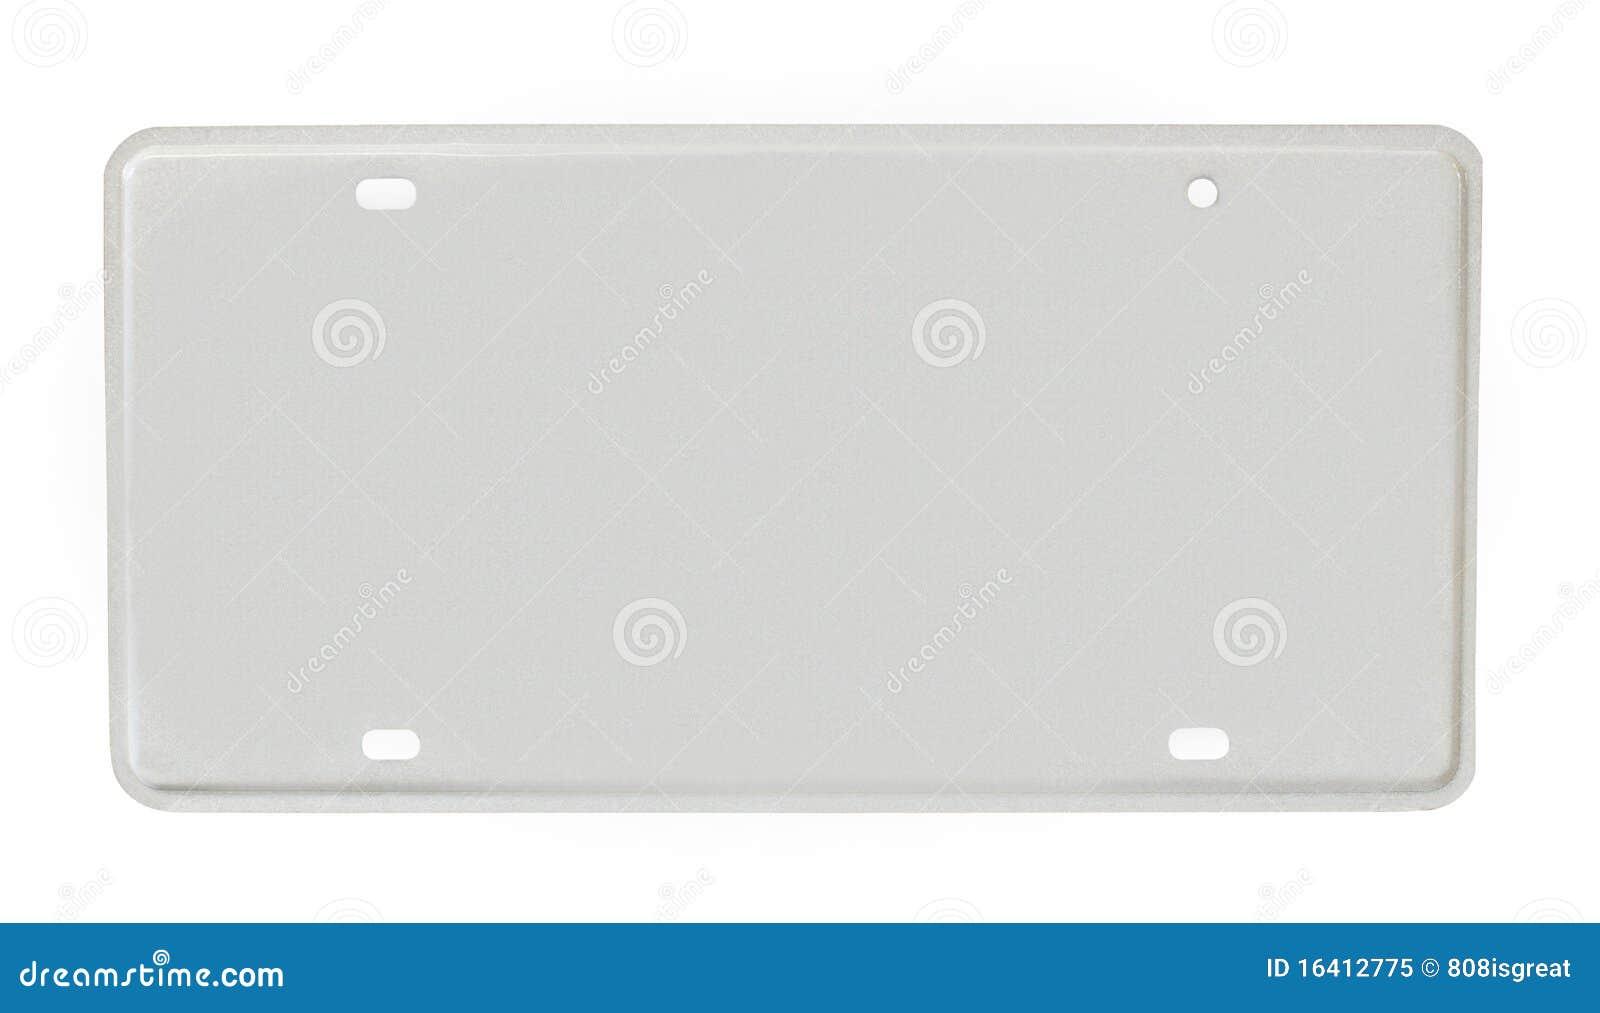 Unbelegtes Kfz-Kennzeichen stockbild. Bild von hintergrund - 16412775